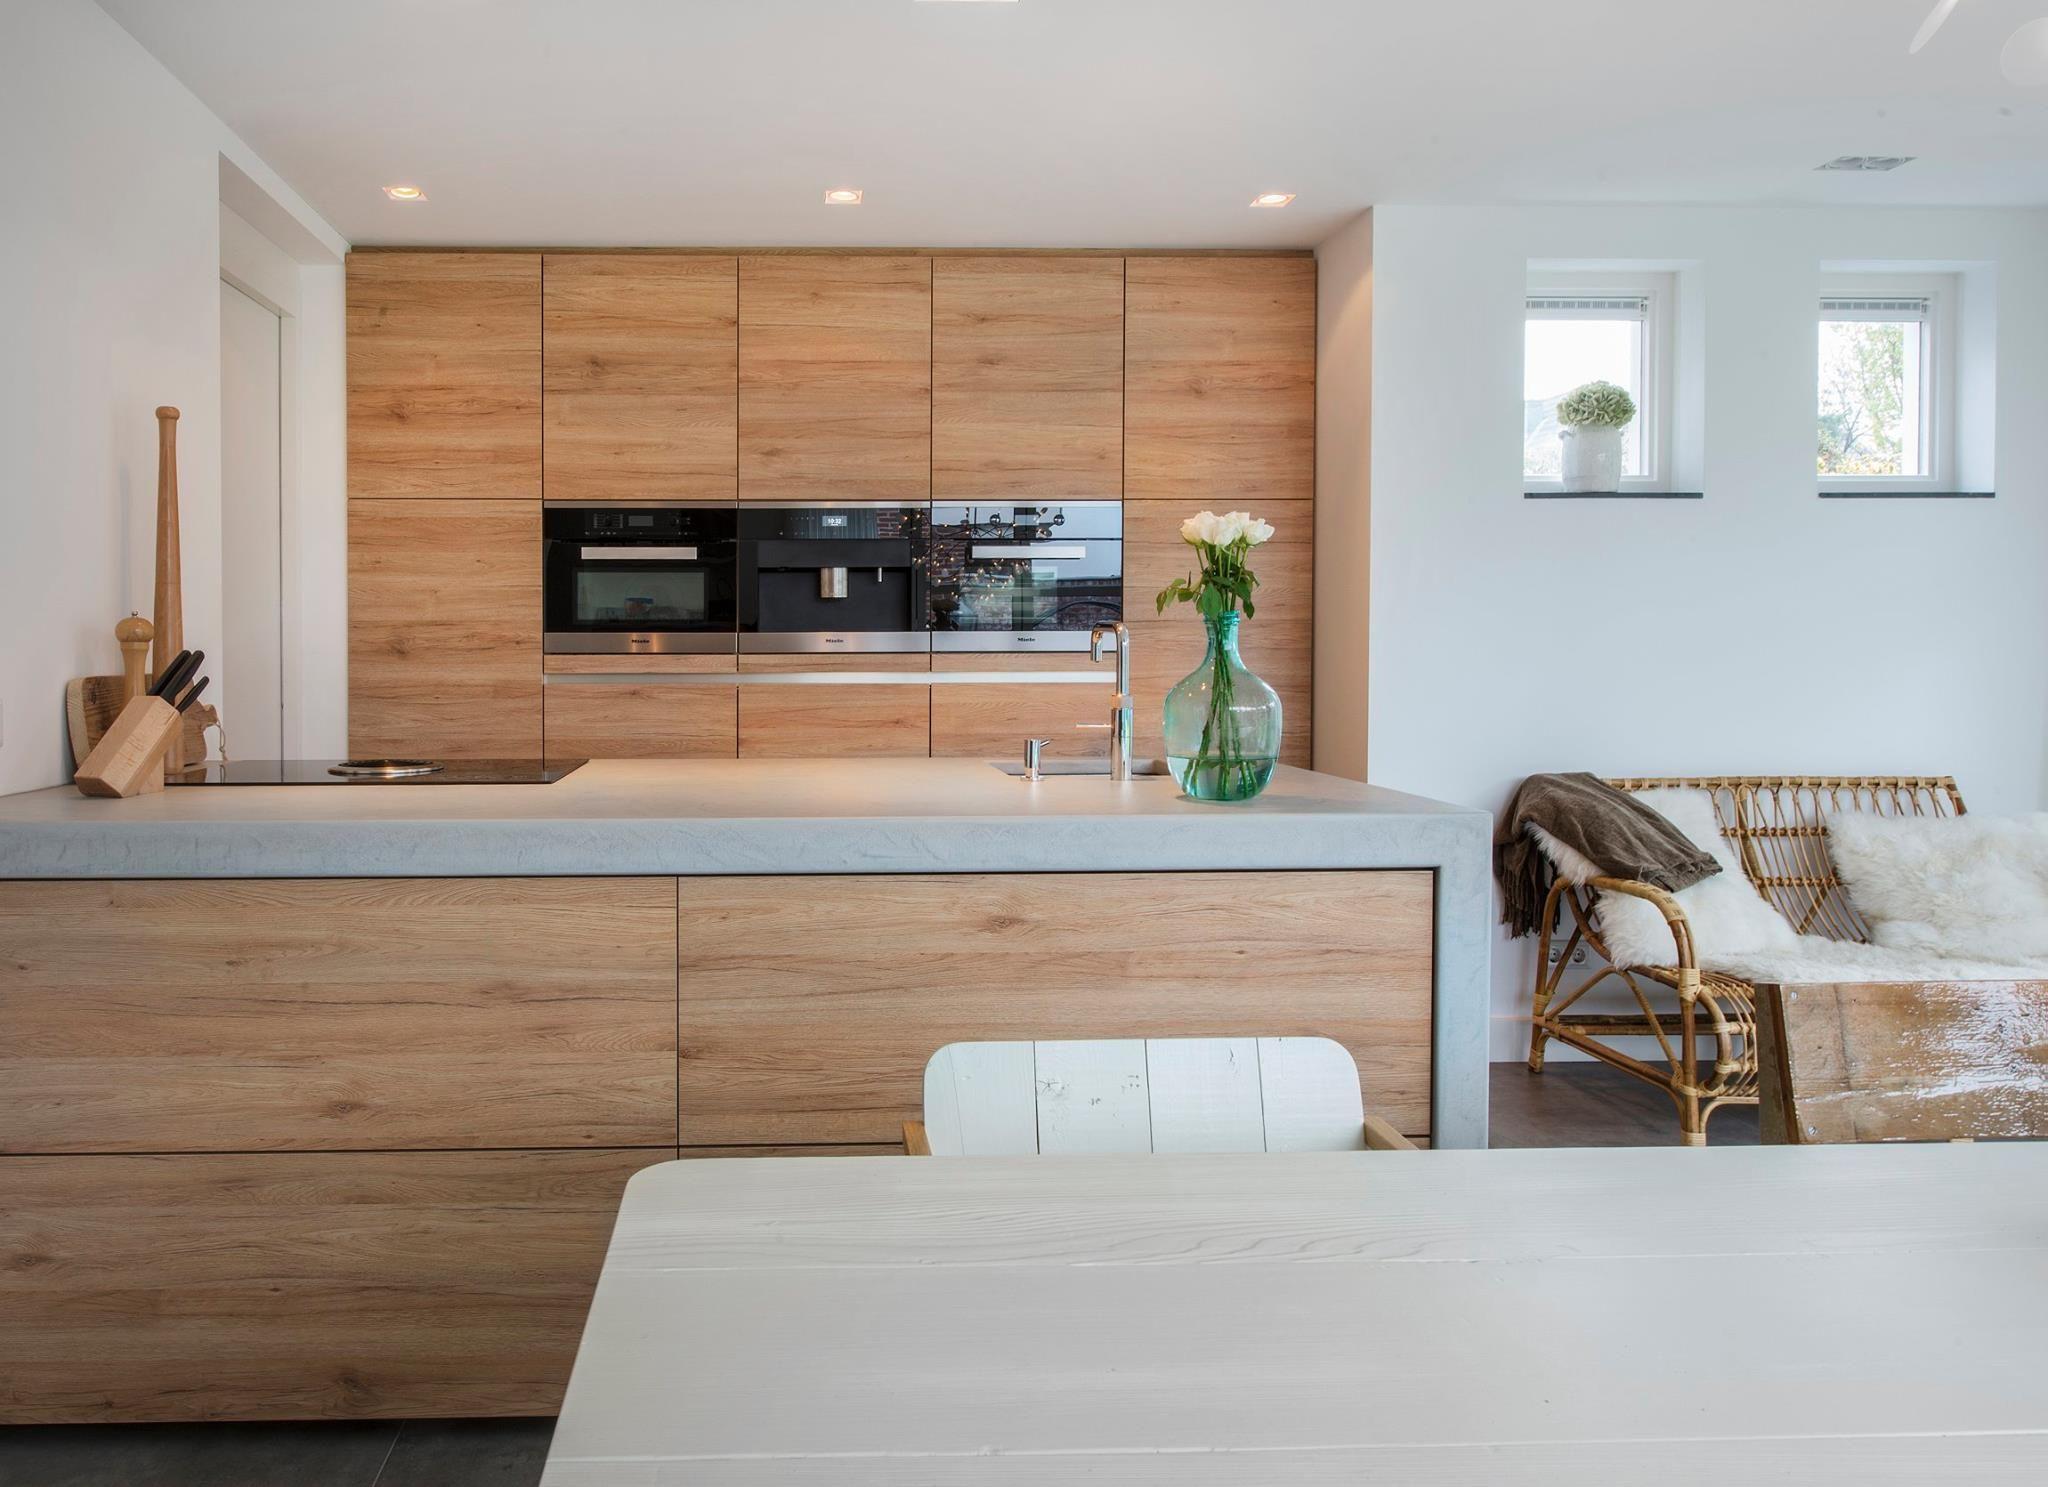 Keuken Beton Moderne : Prachtige moderne keuken met betonnen werkblad dat naadloos tot de